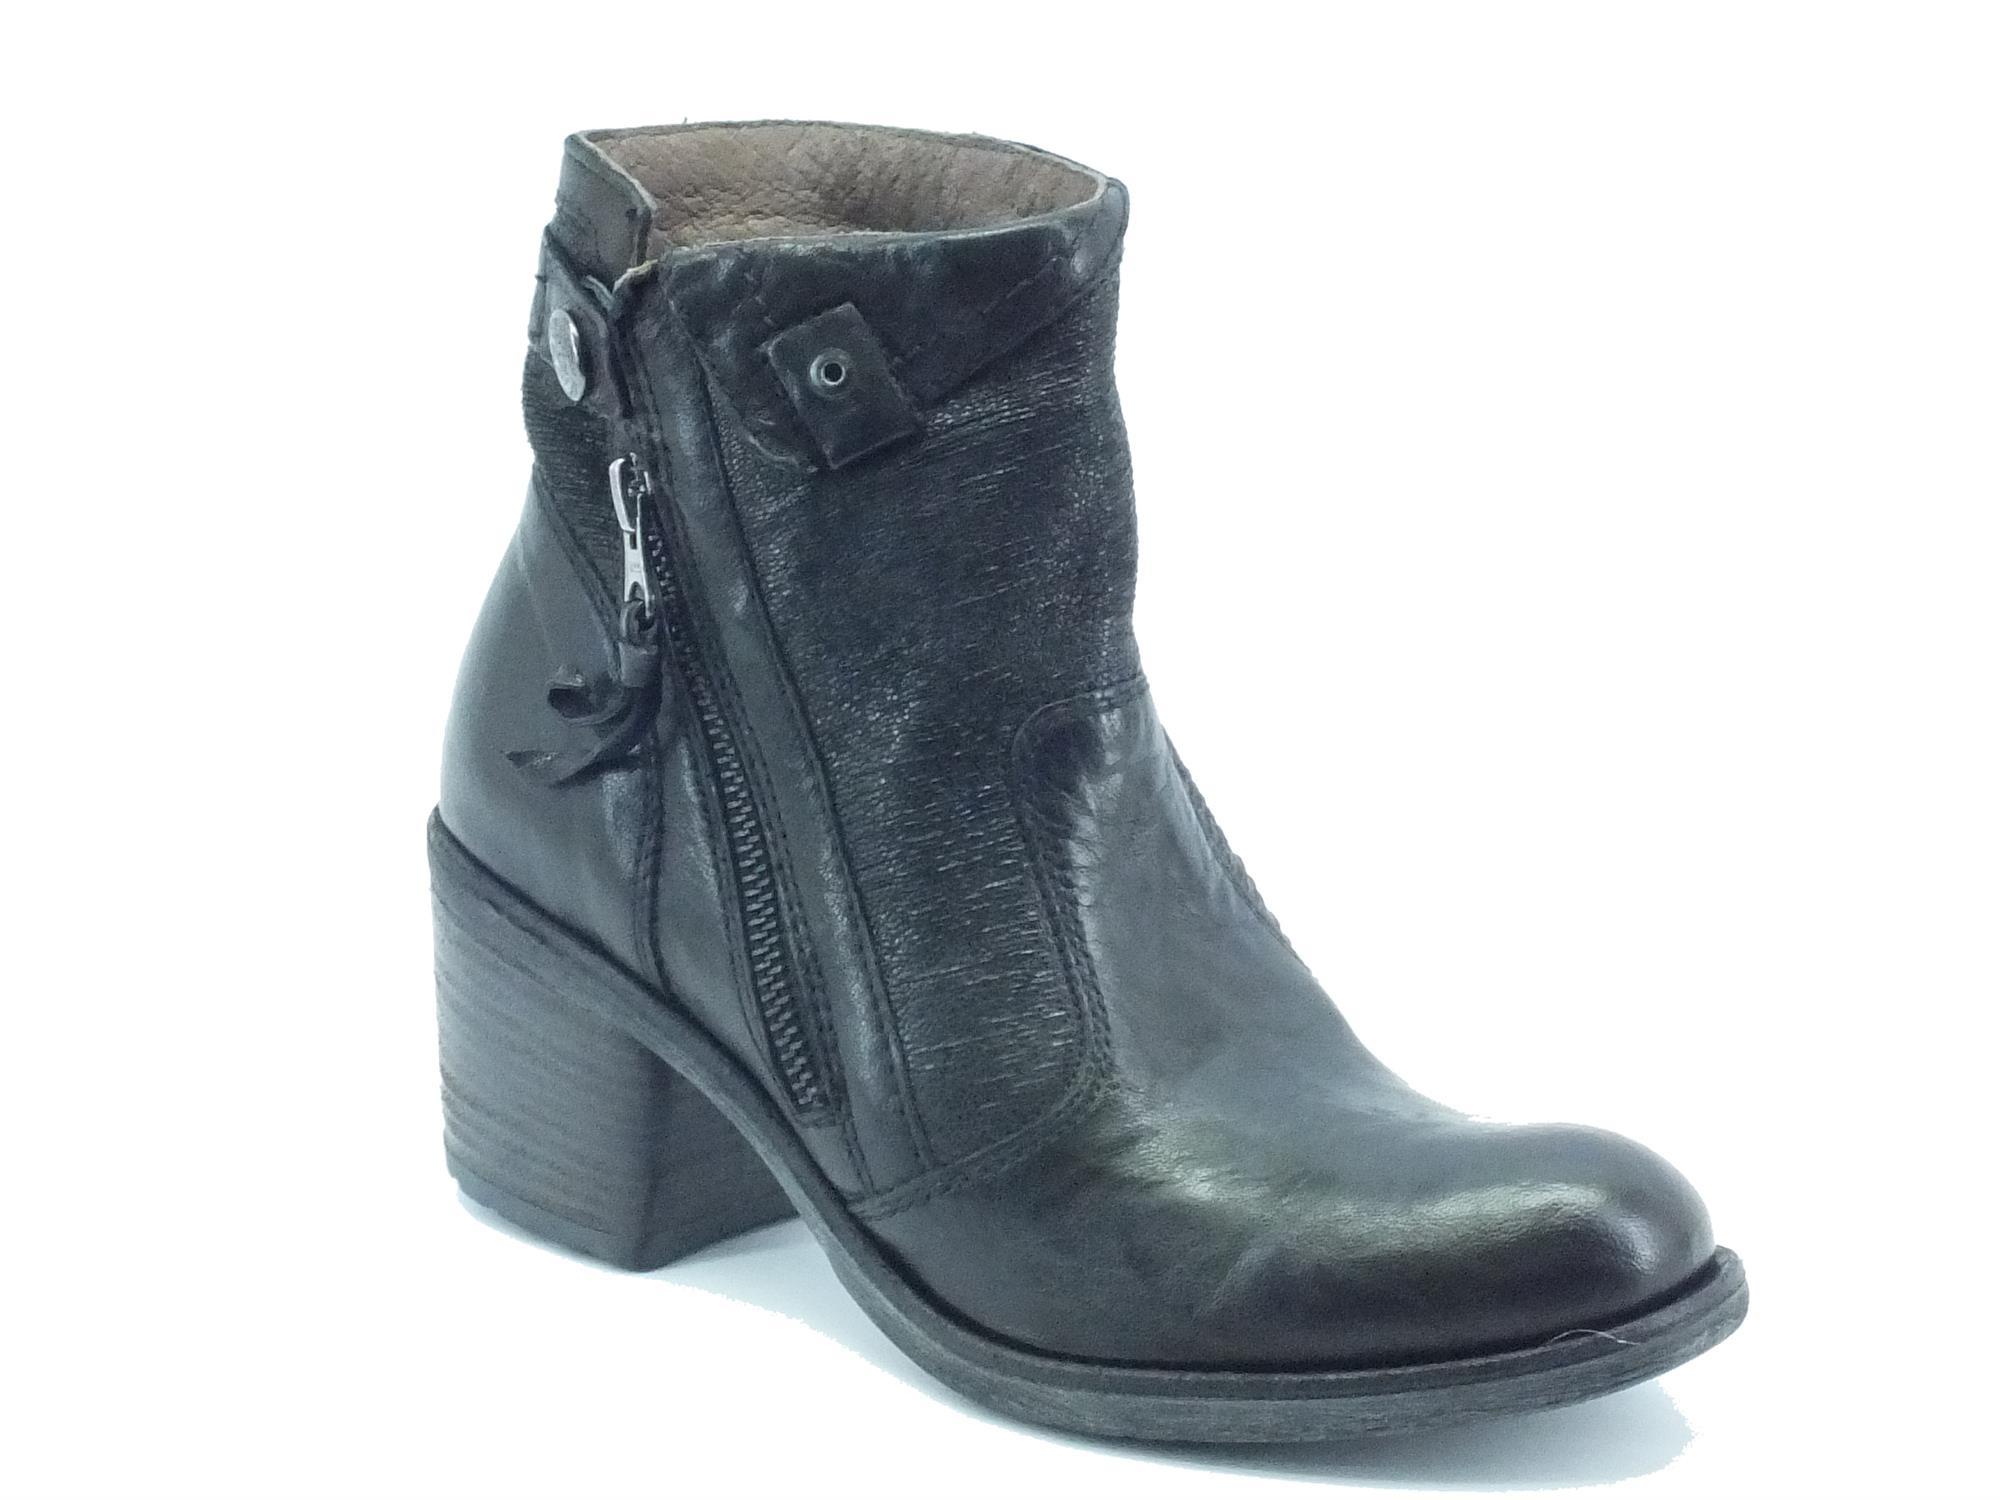 Tronchetti NeroGiardini per donna in pelle plissettata nera con tacco -  mainstreetblytheville.org ba6233bd66c